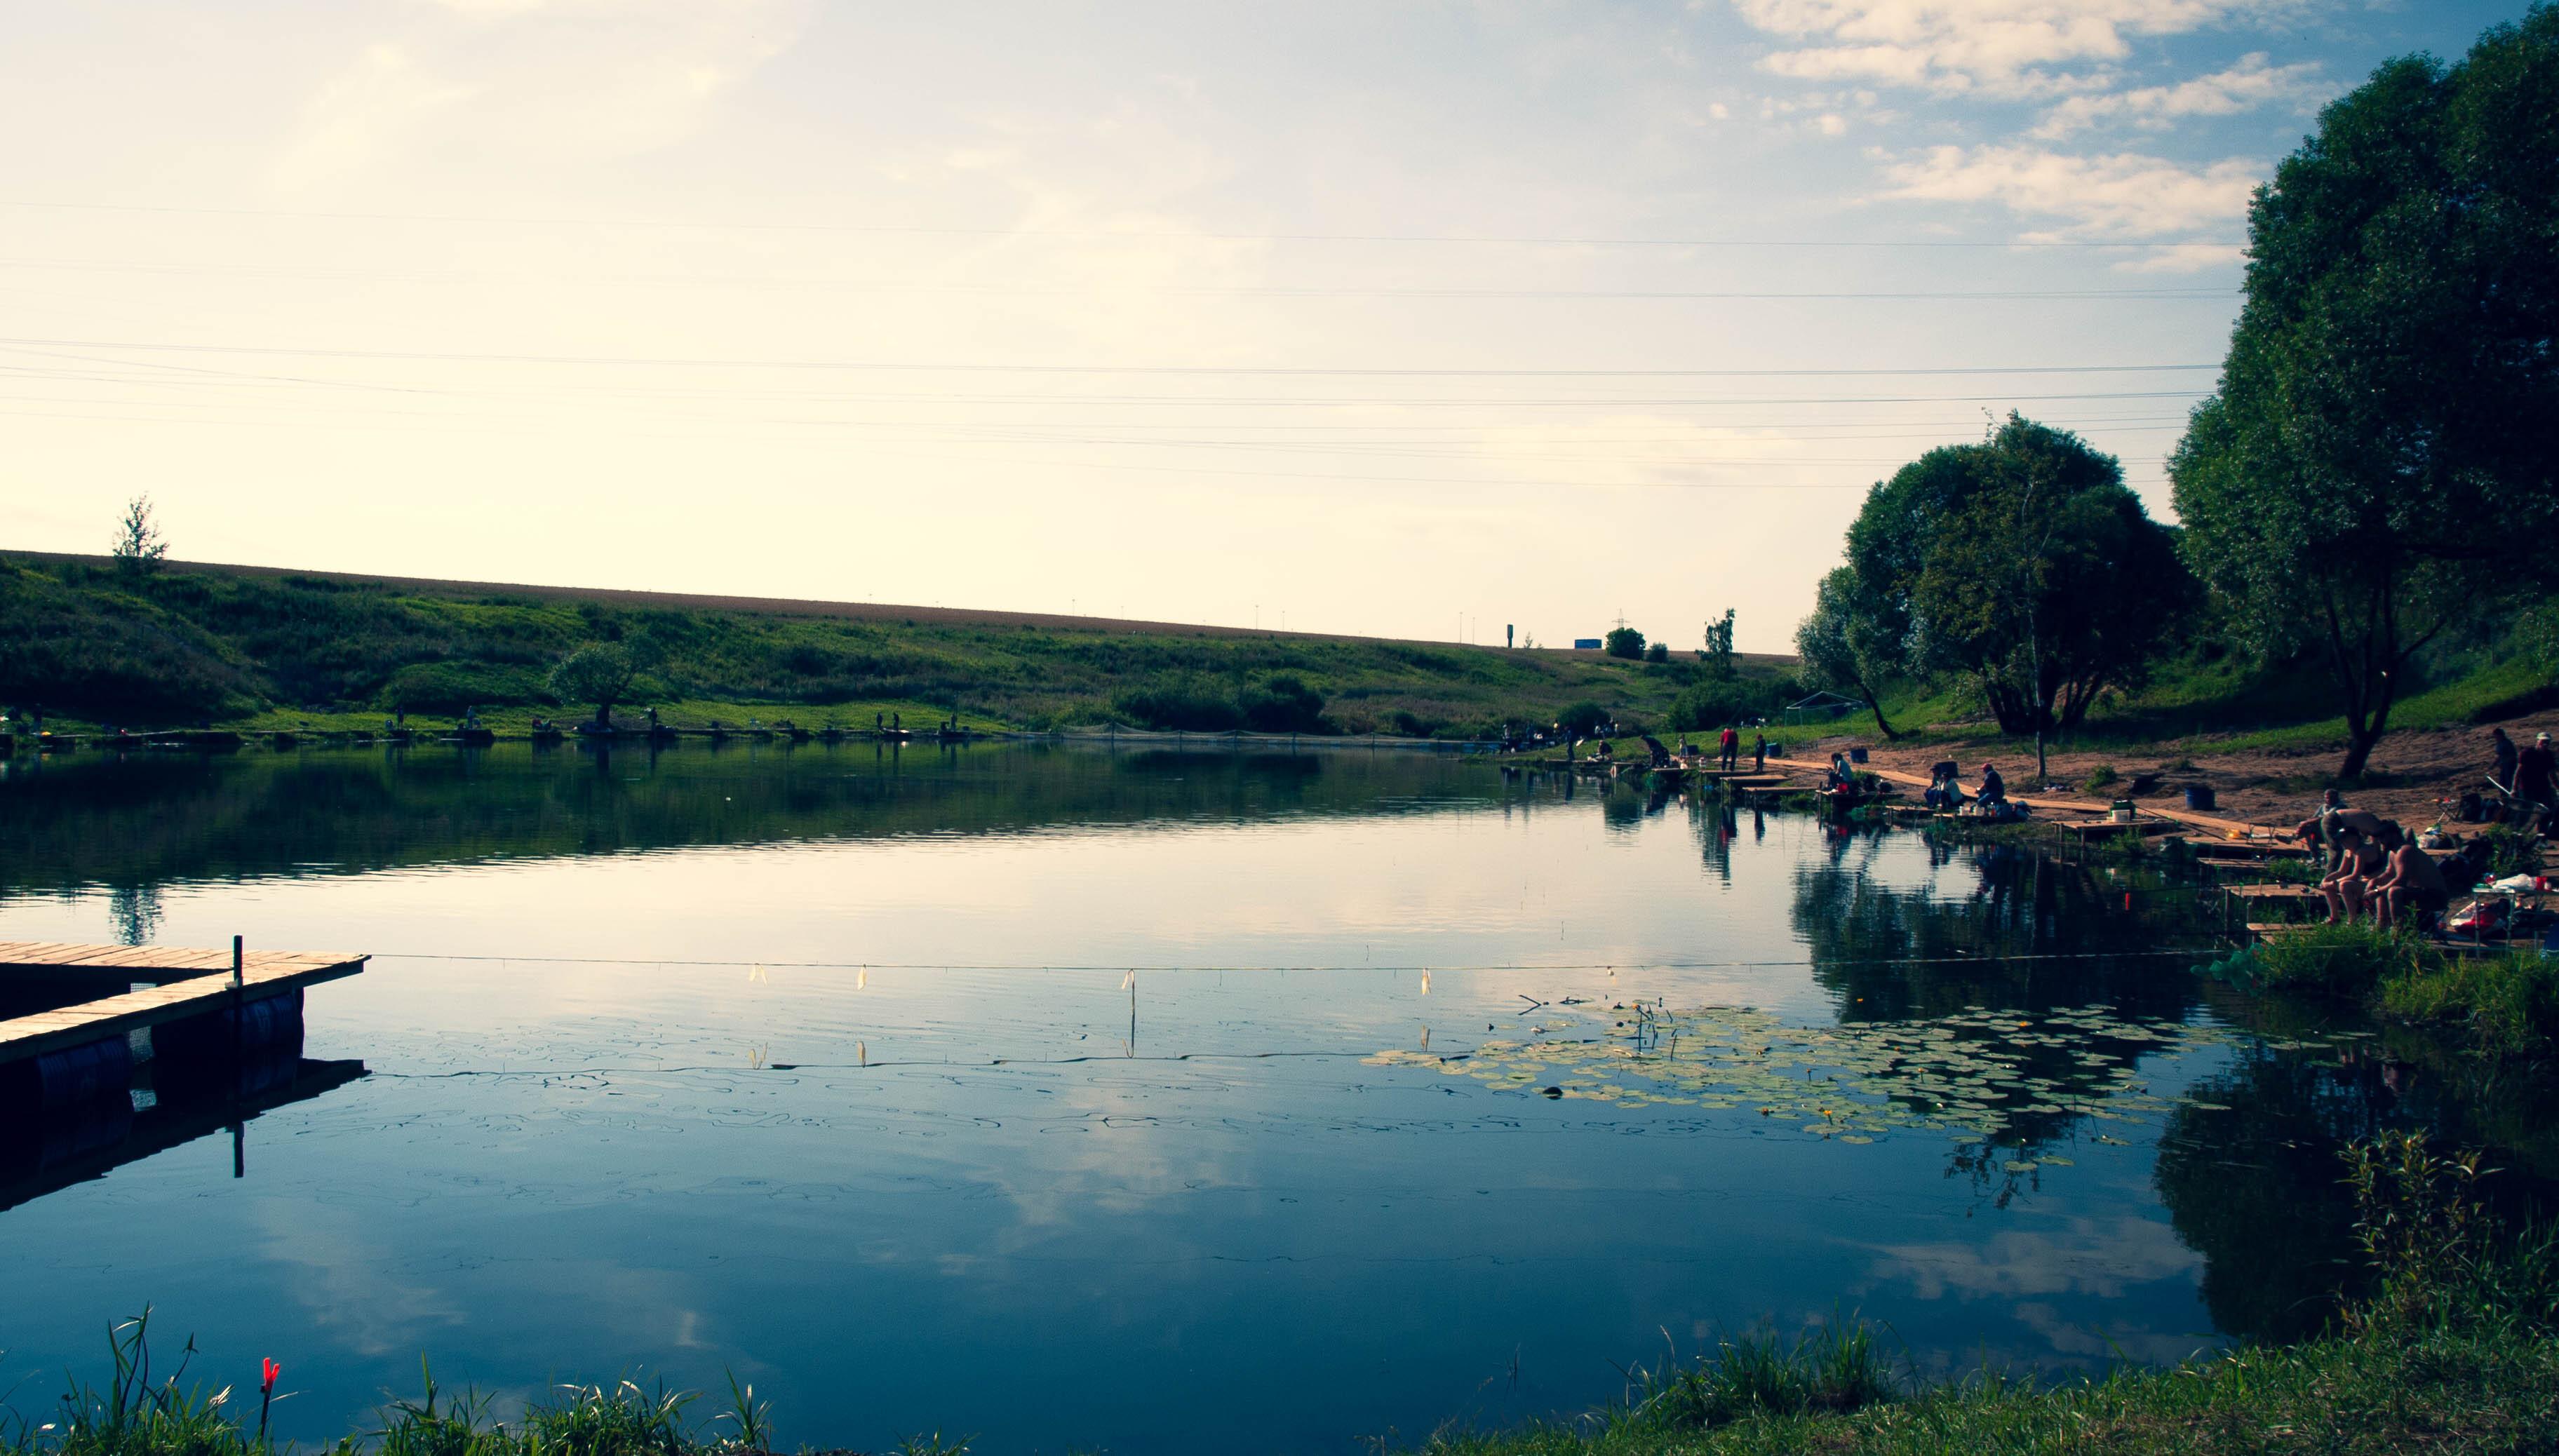 Летняя рыбалка и отдых на берегу пруда в Подмосковье по лучшим ценам! Если вы еще не побывали в Парке Каньон – воспользуйтесь возможностью отлично провести время без дальних поездок. Это одно из тех мест, которое привлекает потрясающе красивыми пейзажами, комфортными условиями и полным спектром услуг не только для плодотворной рыбалки, но и семейного отдыха на природе.